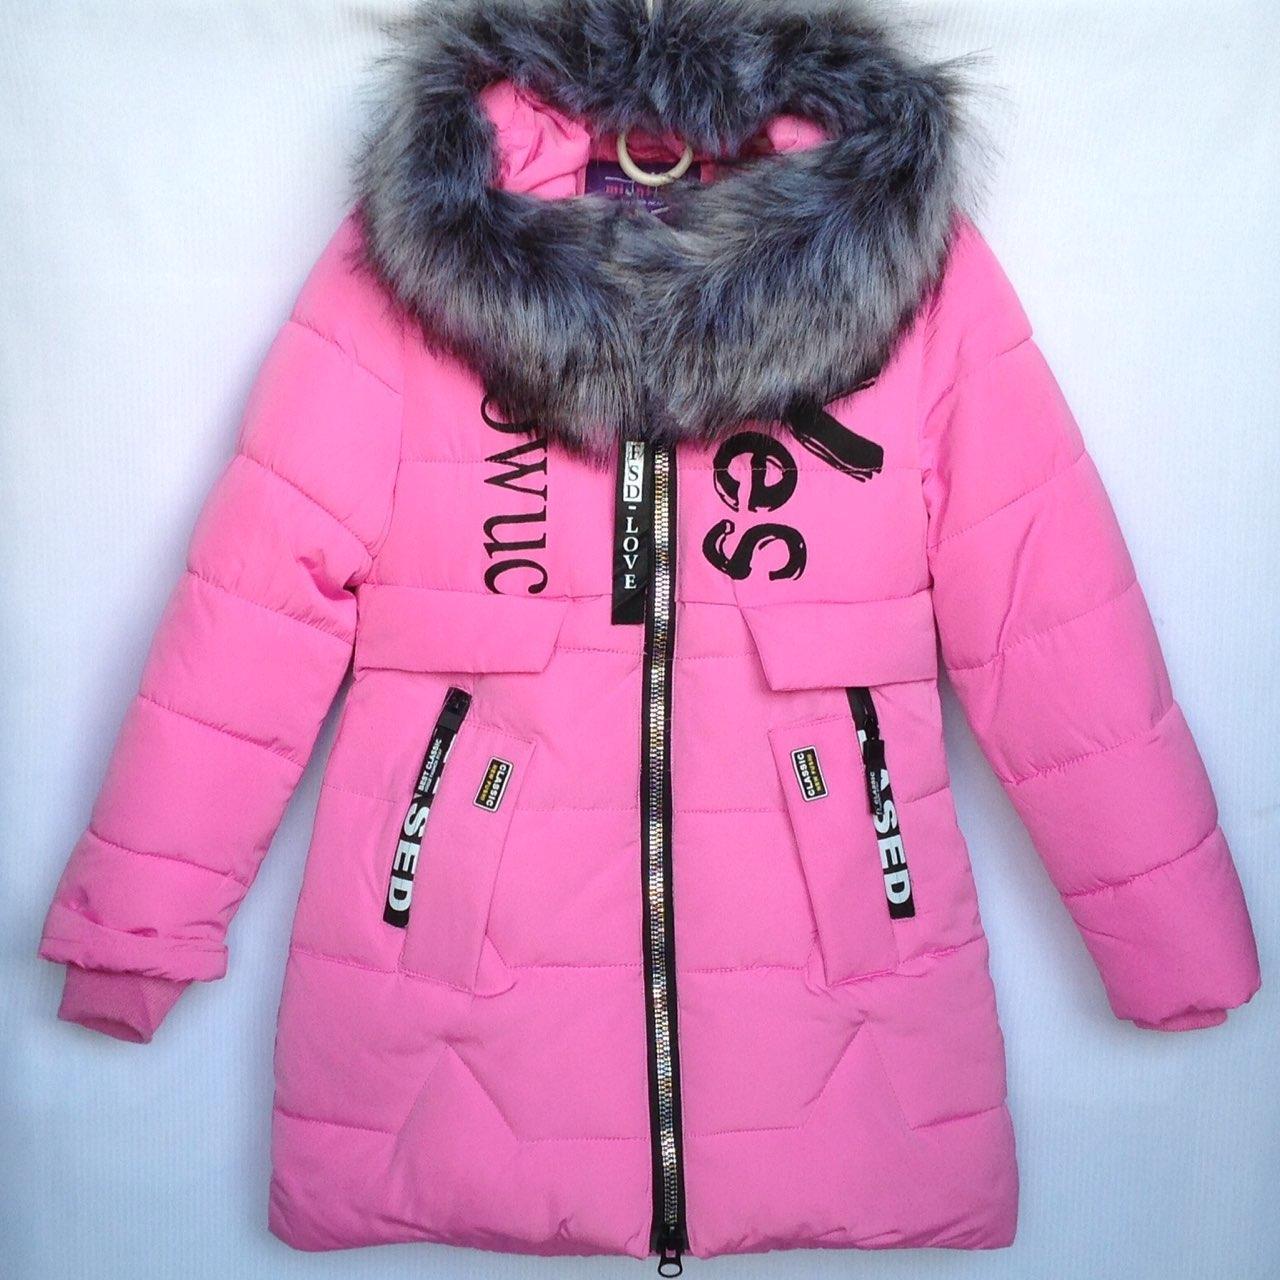 Куртка подростковая зимняя YES #6021 для девочек. 122-146 см (7-11 лет). Фуксия. Оптом.